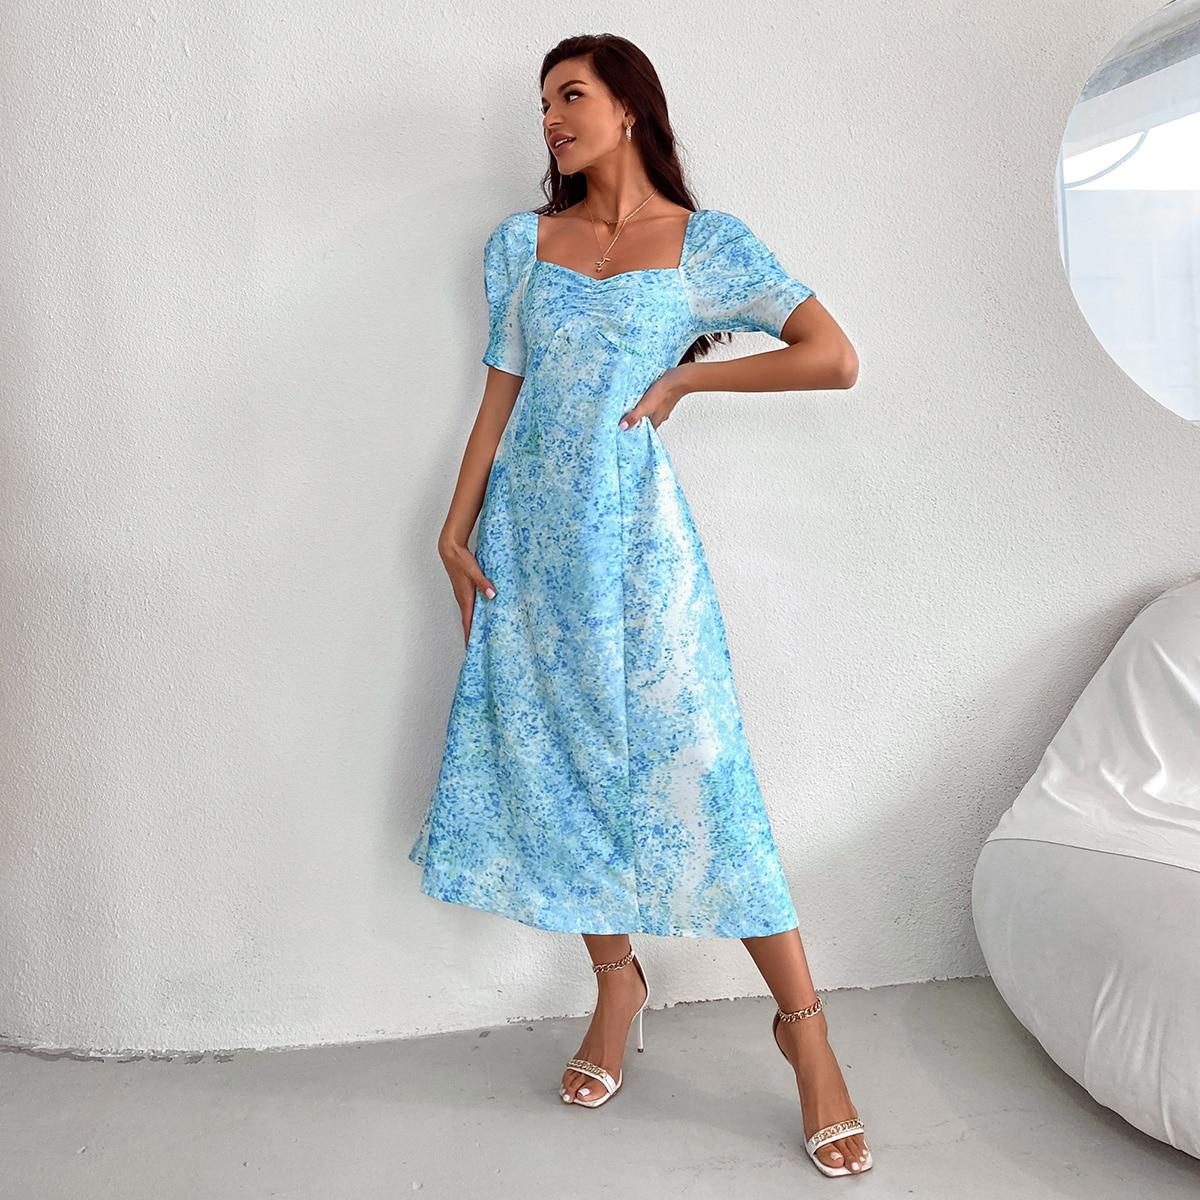 Платье с принтом с глубоким декольте SheIn swdress02210412827